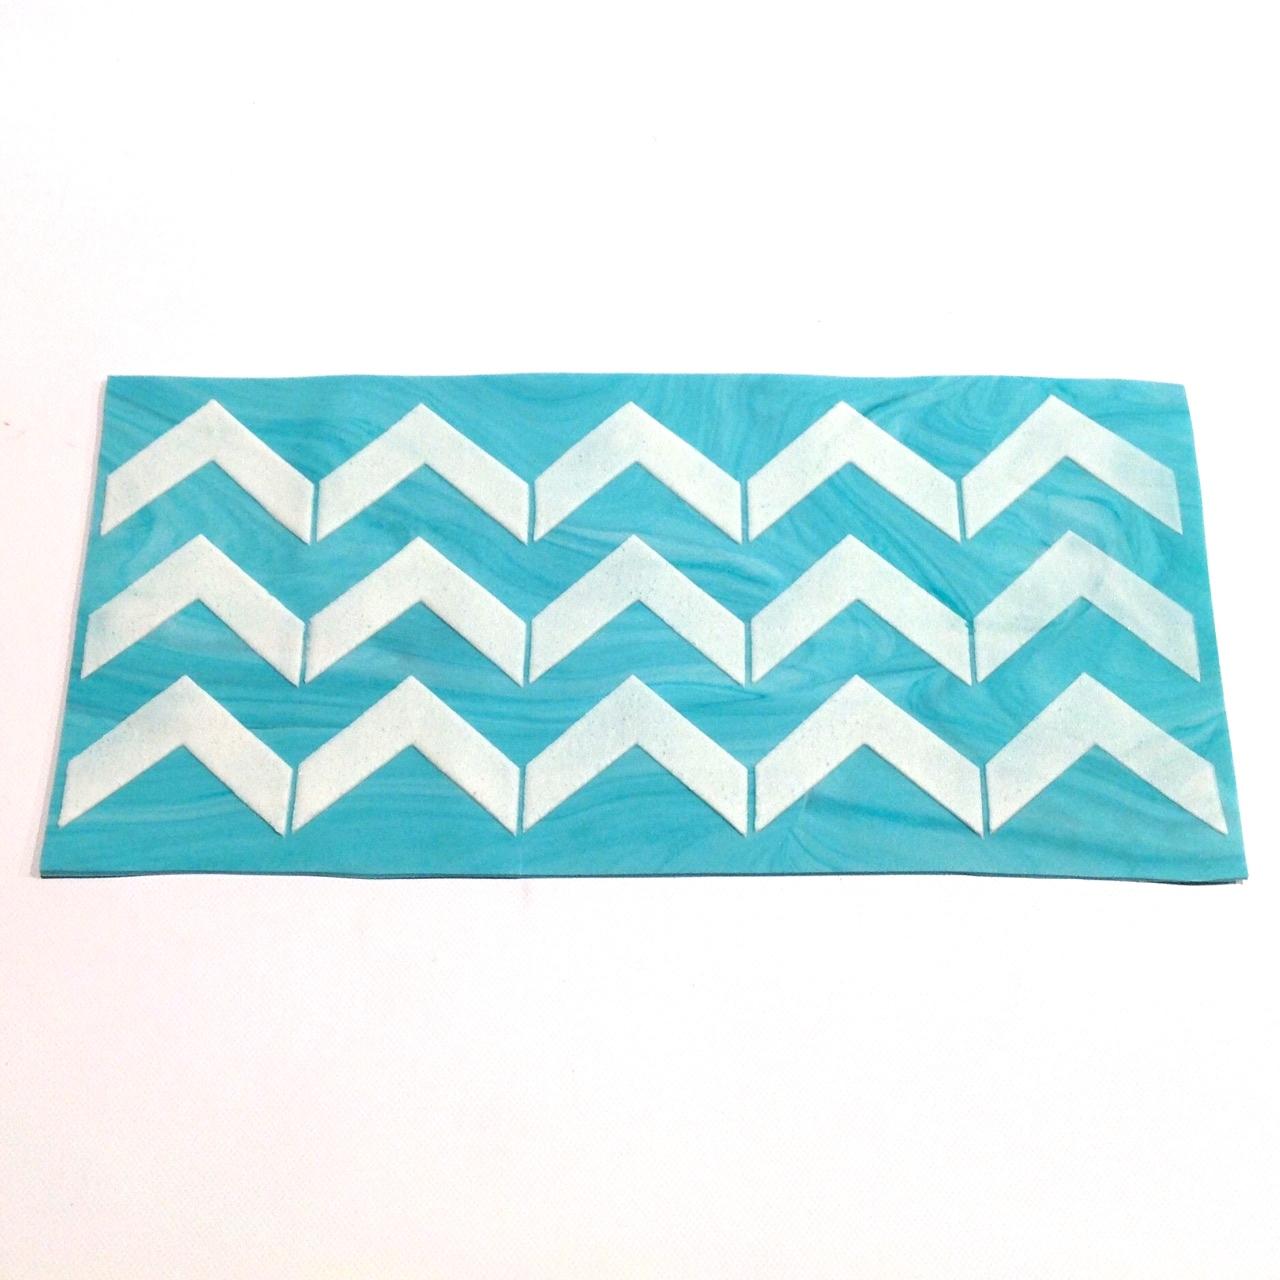 chevron pattern template printable - HD1280×1280